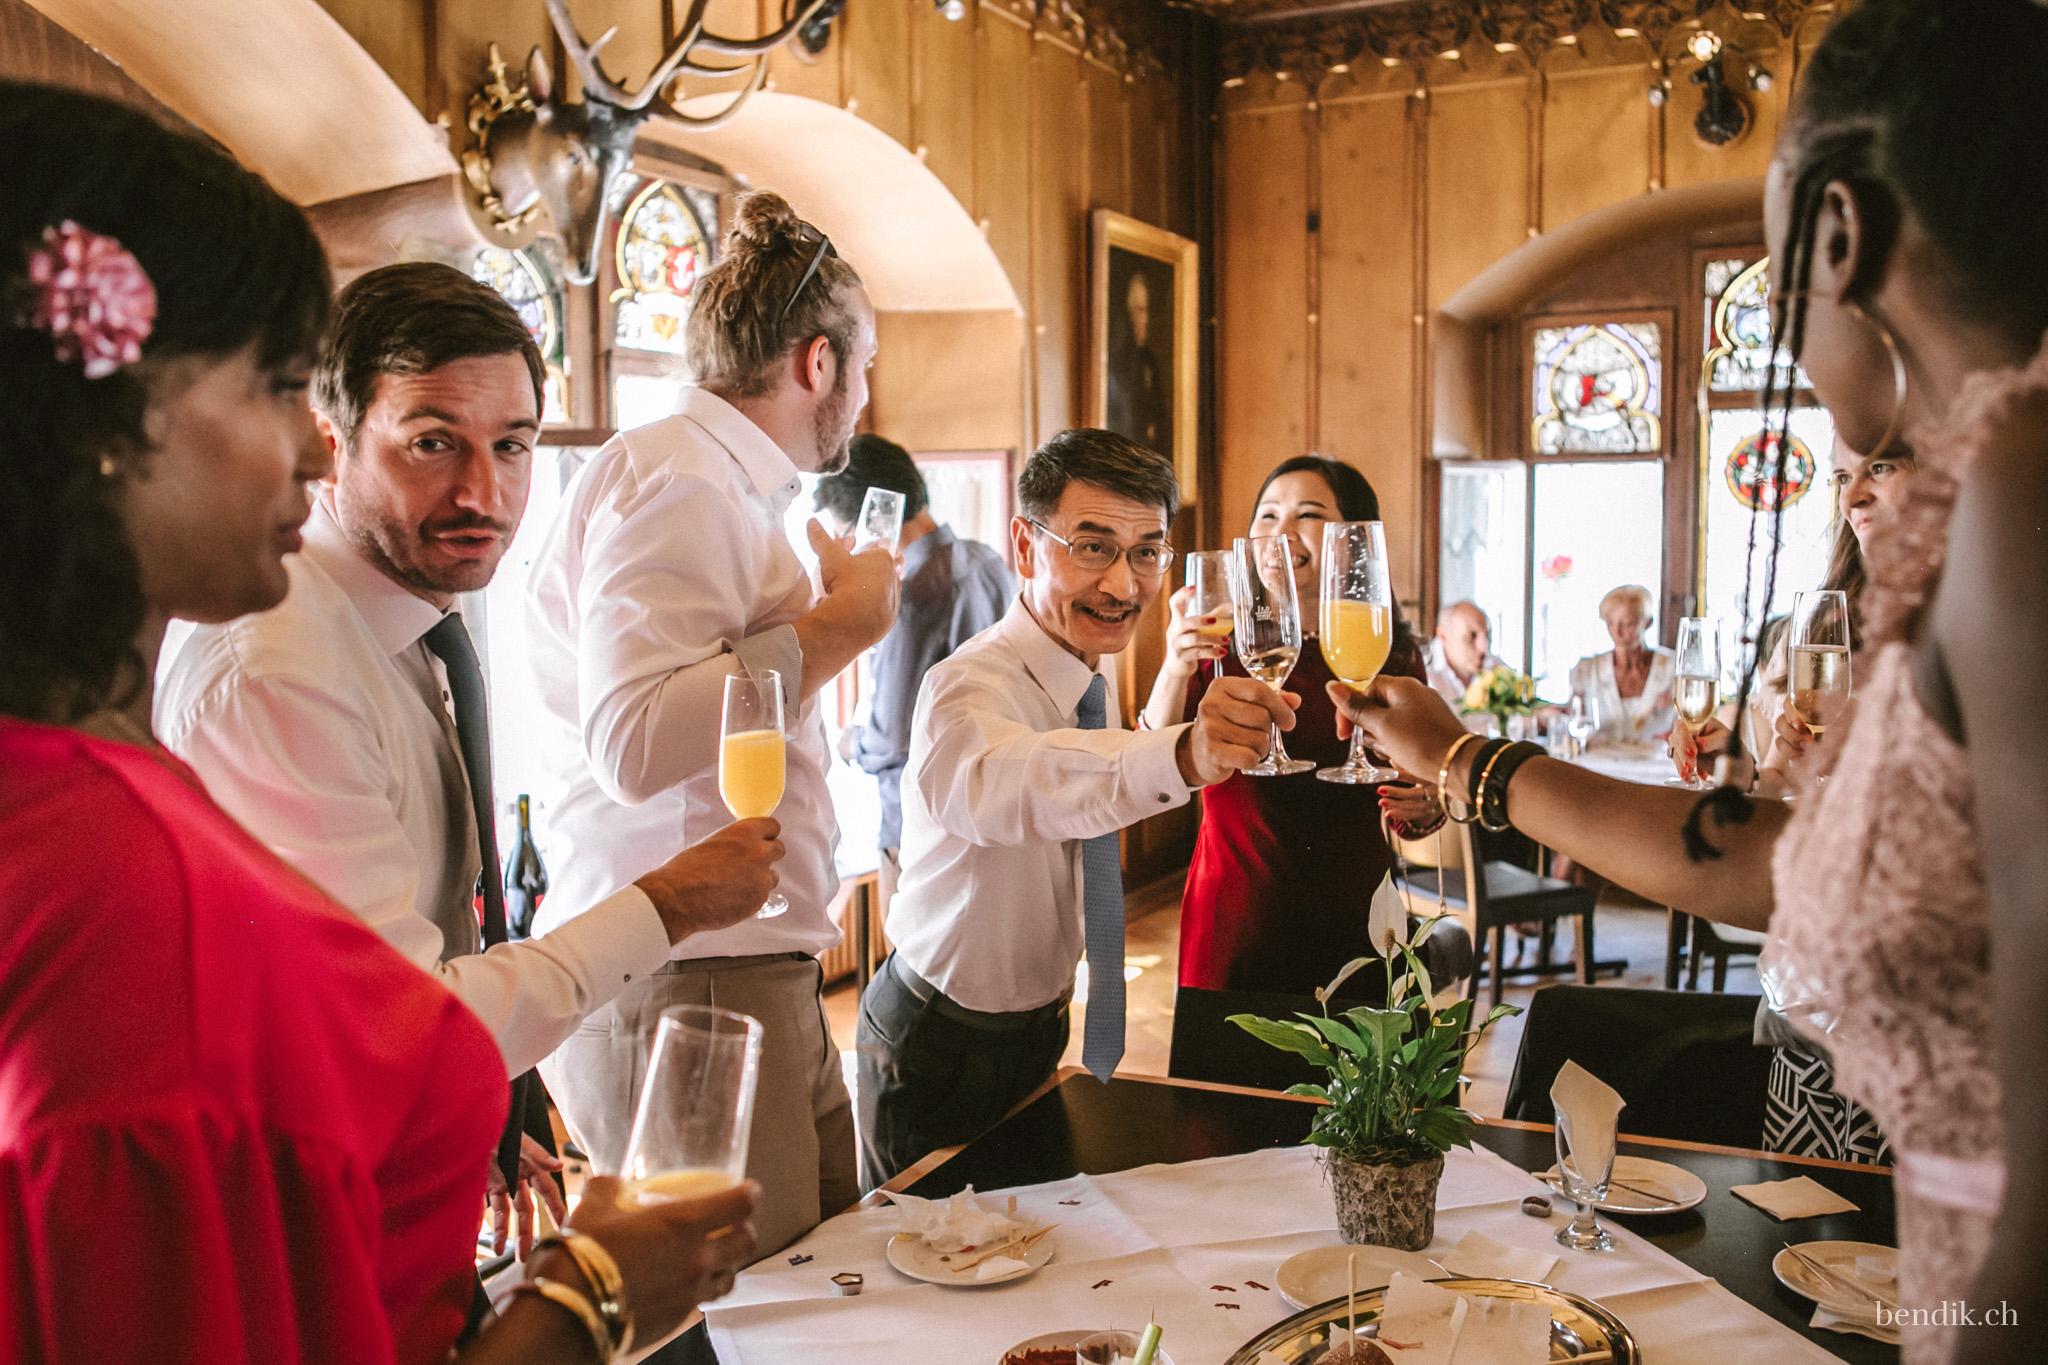 Hochzeitsgesellschaft stösst mit Sekt und Champagner an